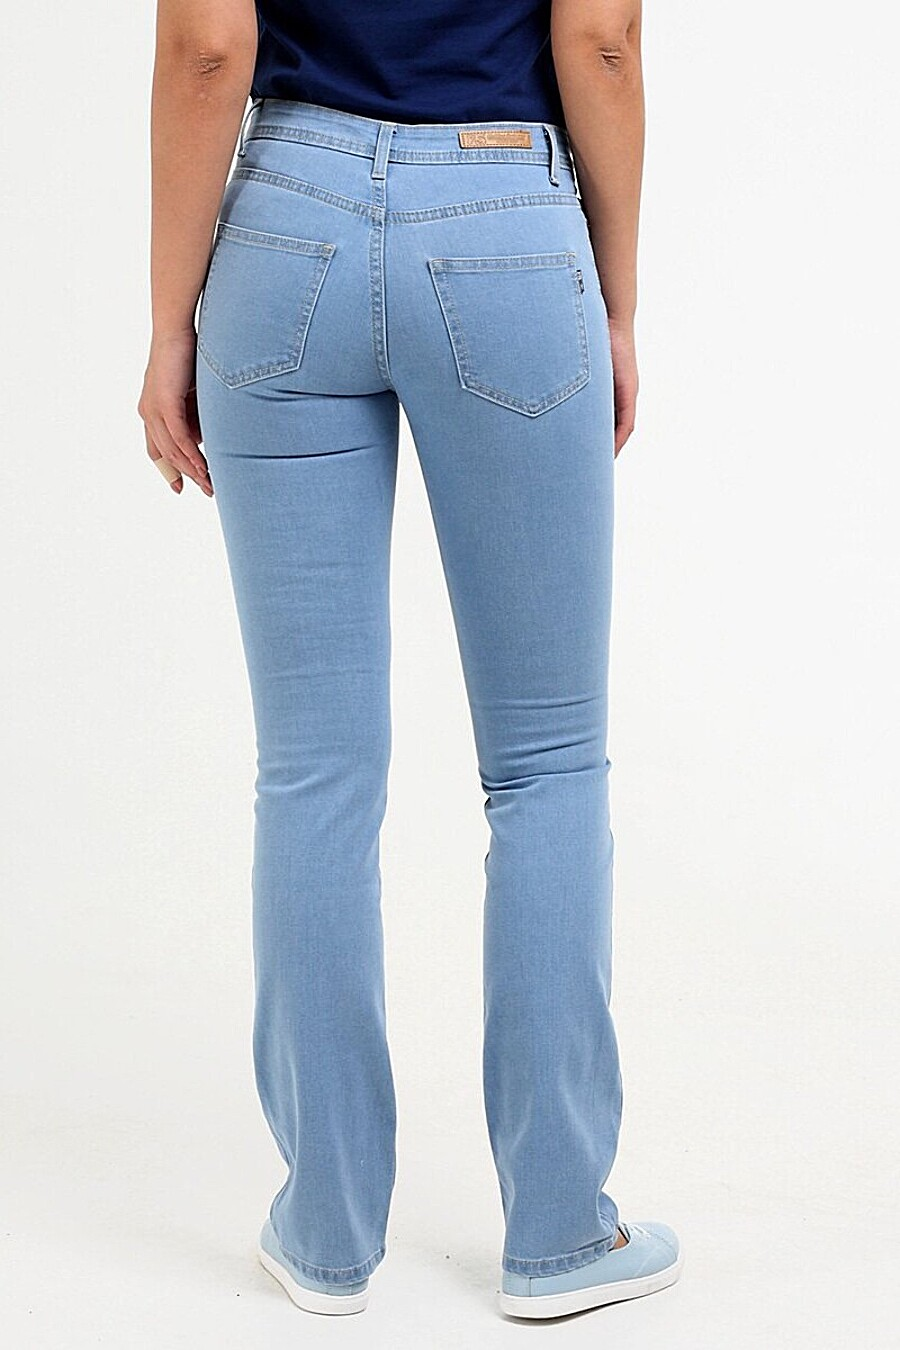 Джинсы для женщин F5 649530 купить оптом от производителя. Совместная покупка женской одежды в OptMoyo